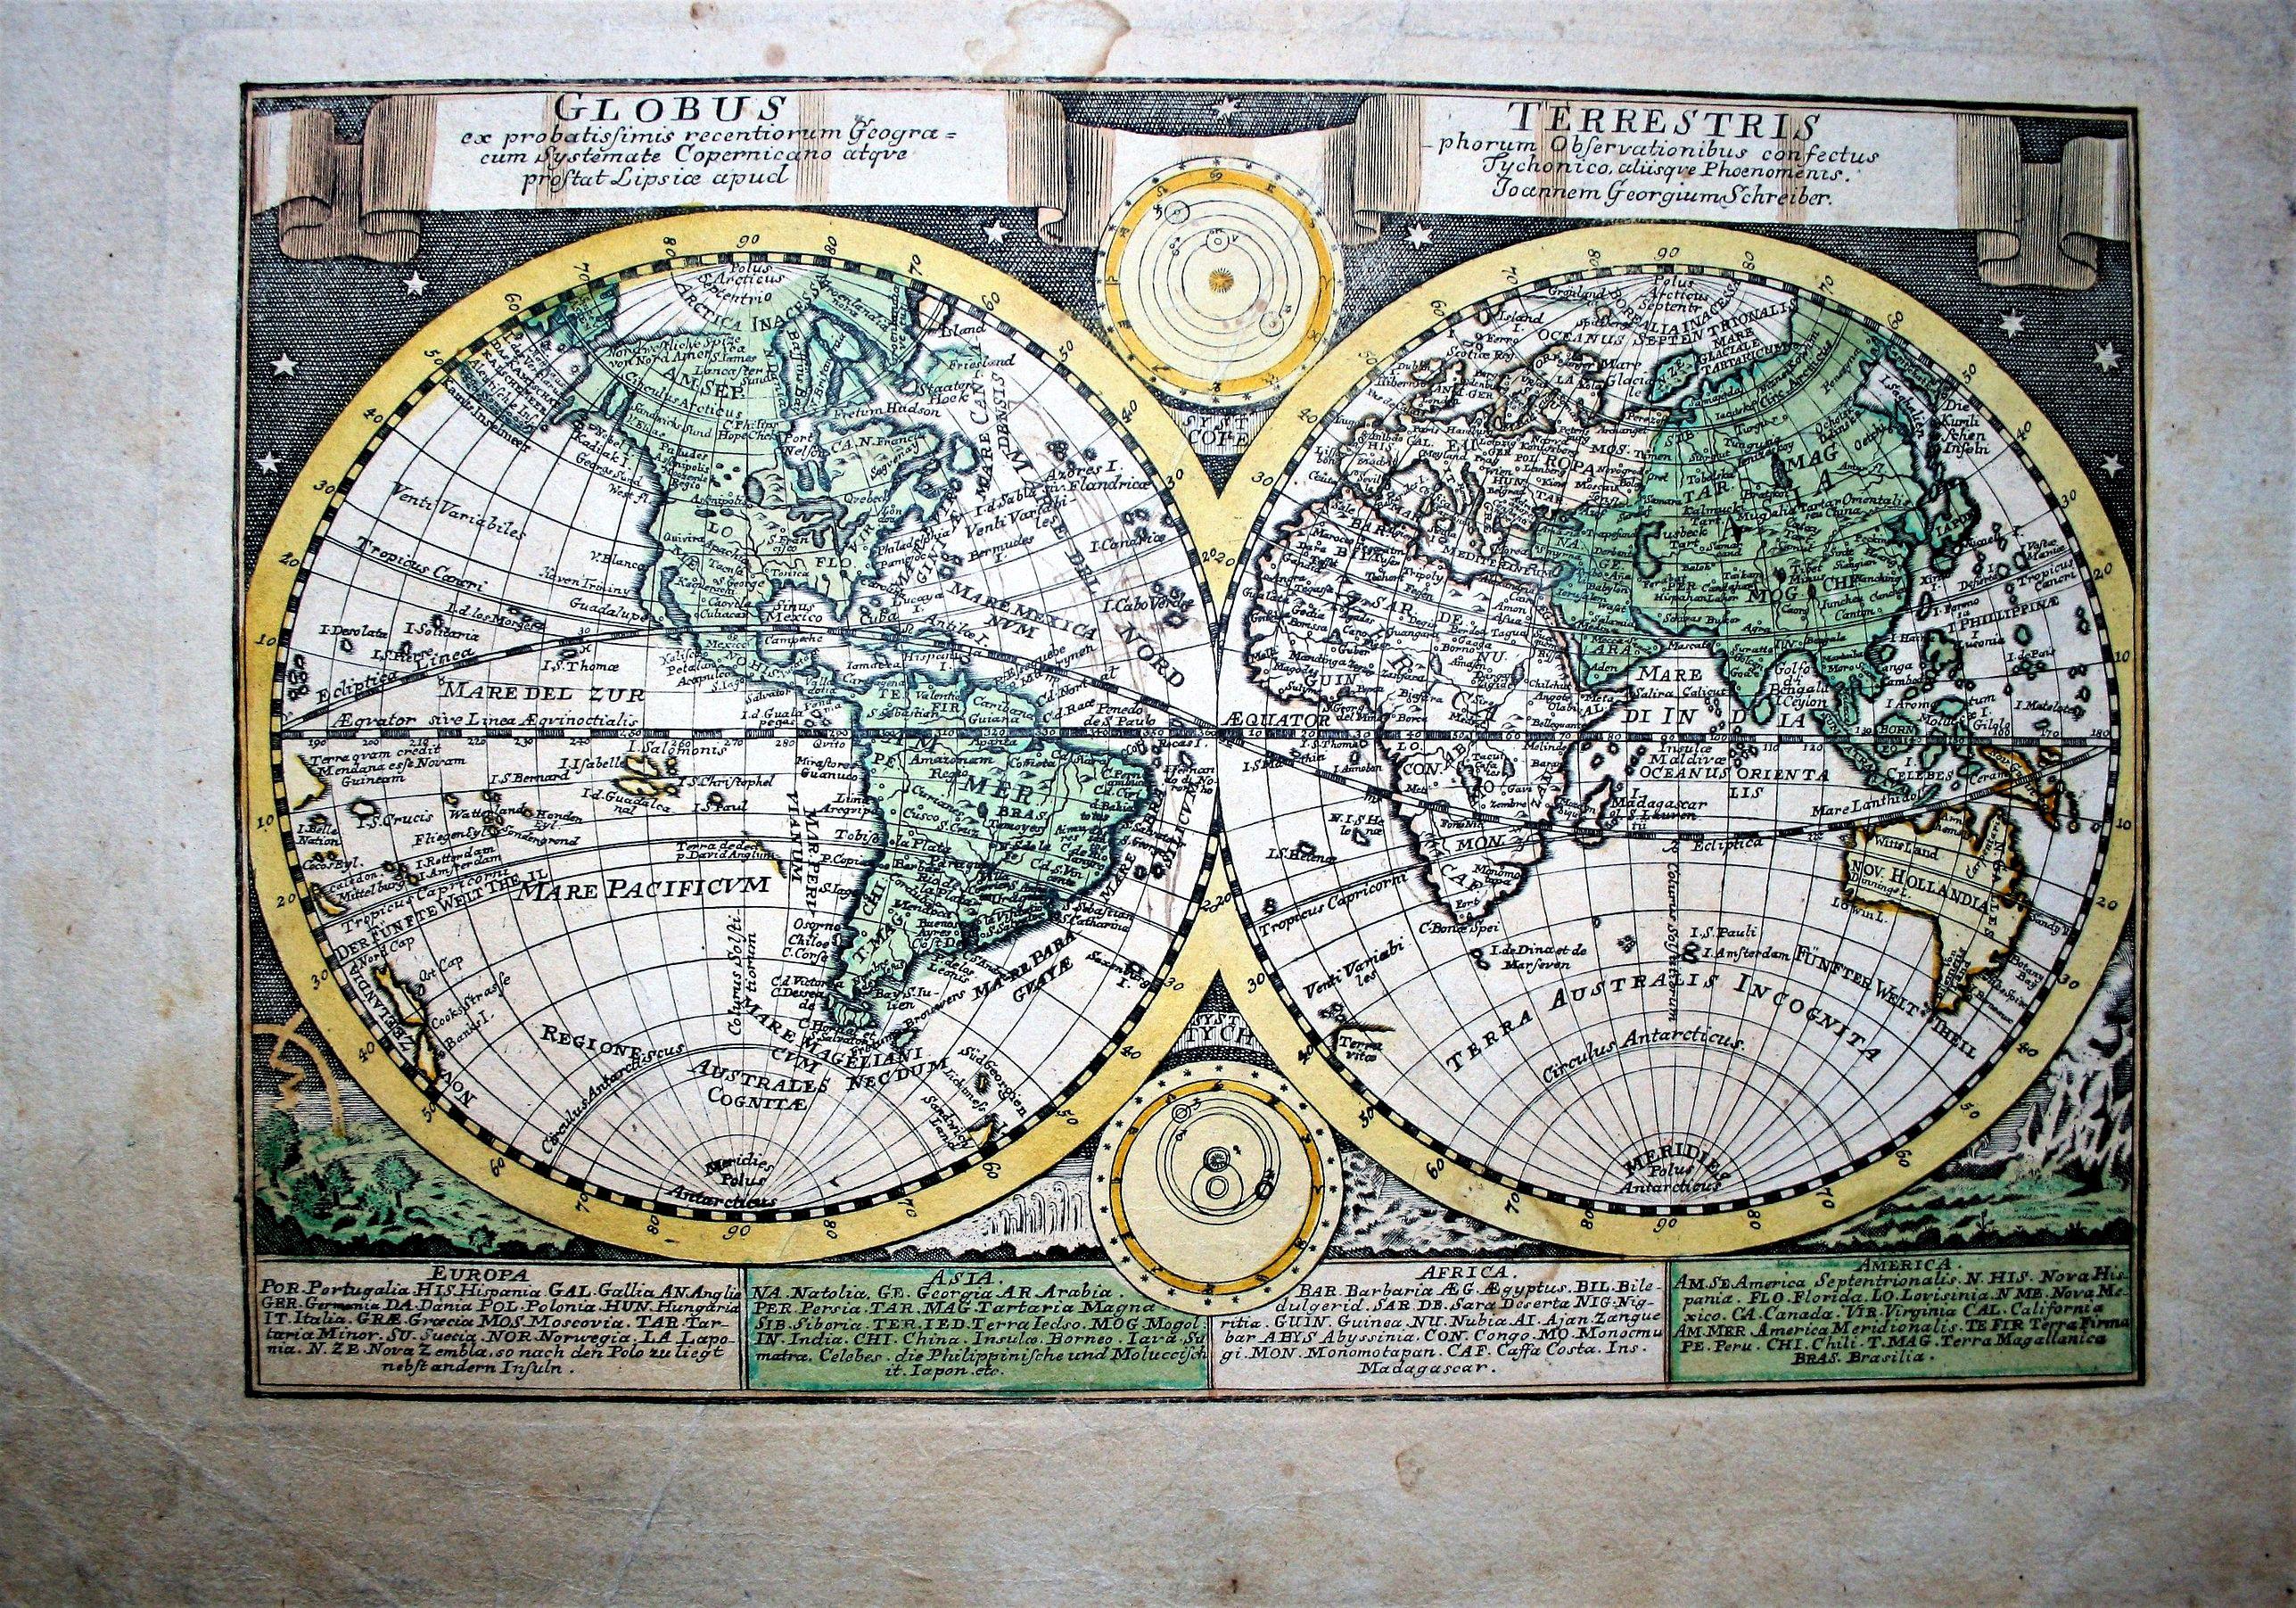 SCHREIBER, J. G. - Globus Terrestris ex Probatissimis Recentiorum Geographorum Observationibus…